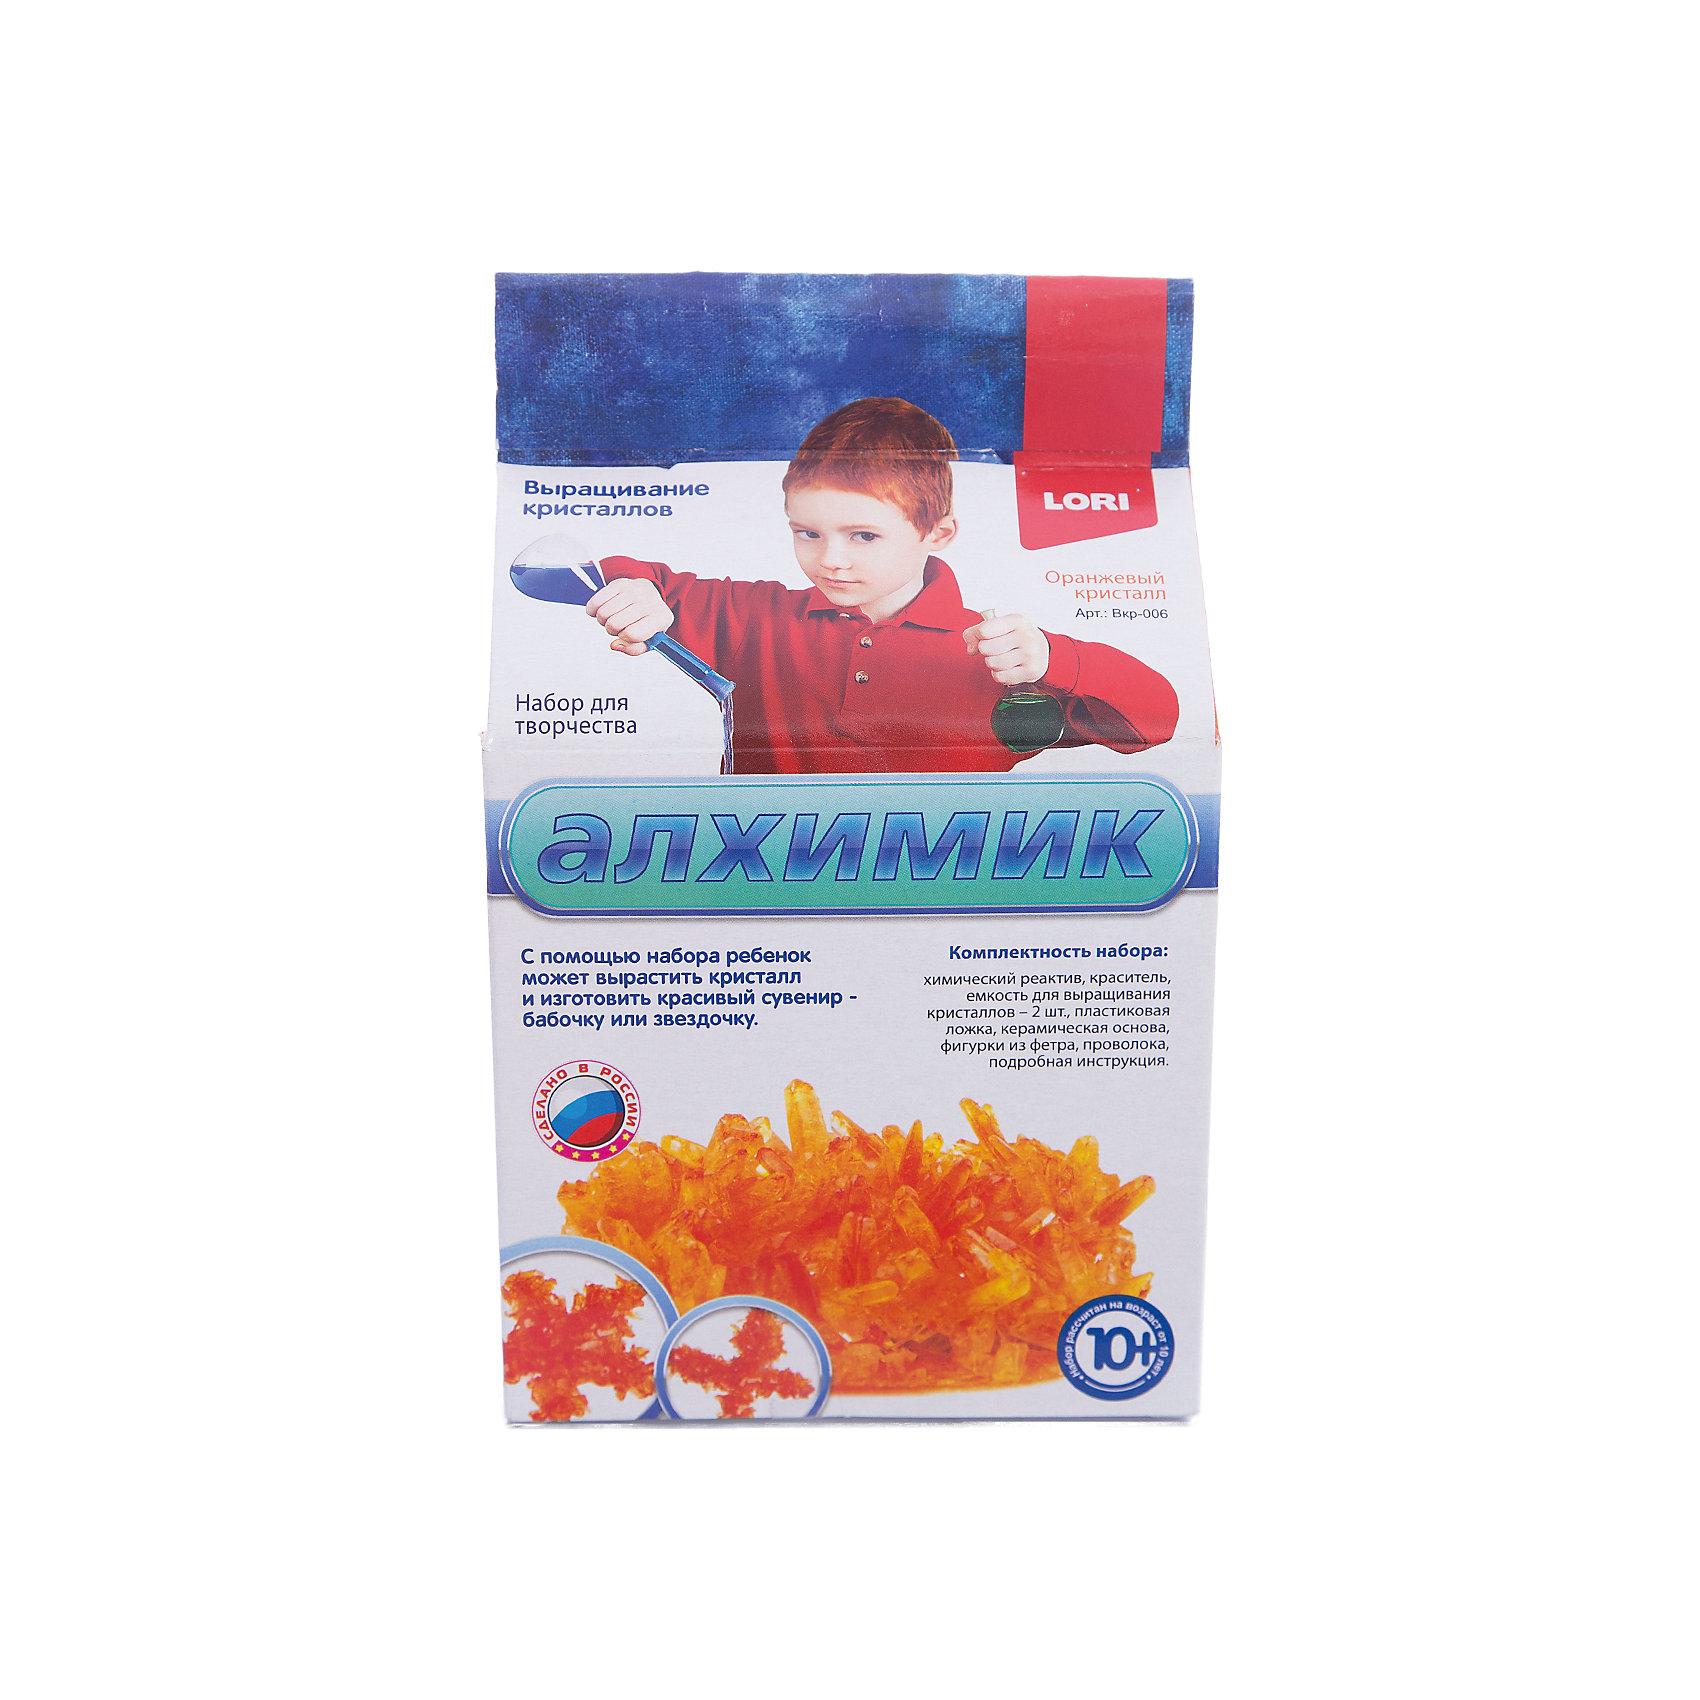 Выращивание кристаллов Оранжевый кристалл, LORIКристаллы<br>Выращивание кристаллов Оранжевый кристалл, LORI станет самым интересным занятием для Вашего малыша!<br>Выращивание кристаллов - самый массовый и самый популярный вид химических опытов для детей. С помощью данных наборов можно вырастить друзу  кристаллов зеленого, оранжевого, красного и синего цвета, а так же вырастить красивый цветной кристаллический сувенир - бабочку или звездочку, с помощью кусочка фетра, который вложен в набор. Суть выращивания в наблюдении кристаллизации вещества из насыщенного соляного раствора.<br><br>Дополнительная информация:<br><br>Размер: 190х110х90 мм.<br><br>Вес: 295 г.<br><br>Станет прекрасным развивающим подарком Вашему малышу!<br>Легко купить в нашем интернет-магазине!<br><br>Ширина мм: 190<br>Глубина мм: 110<br>Высота мм: 90<br>Вес г: 295<br>Возраст от месяцев: 120<br>Возраст до месяцев: 180<br>Пол: Унисекс<br>Возраст: Детский<br>SKU: 3376767